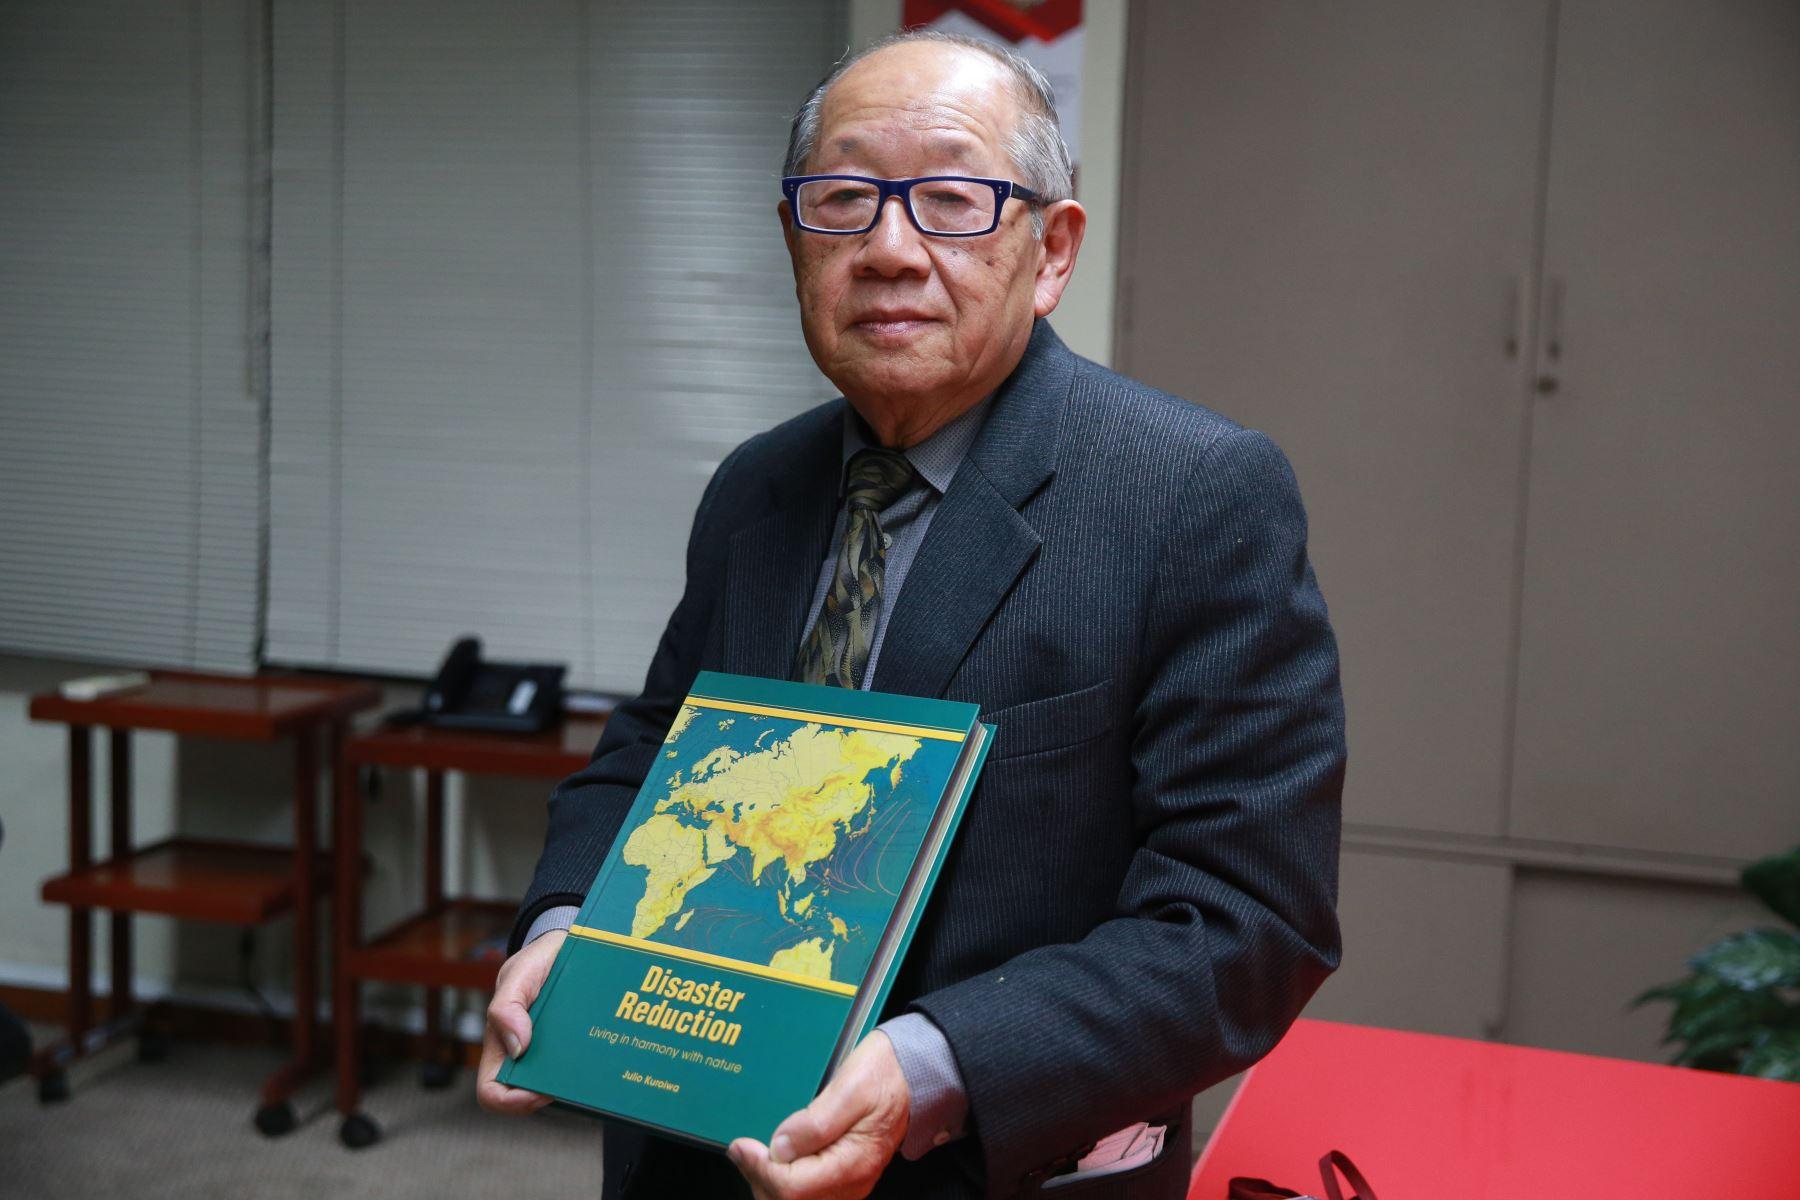 Su carrera como experto en gestión de riesgo de desastres se originó en el curso de capacitación sobre la sismología en Japón durante los años 1961 y 1962, y al regresar al Perú introdujo el curso de sismología en las universidades del país.  Foto: ANDINA/Vidal Tarqui